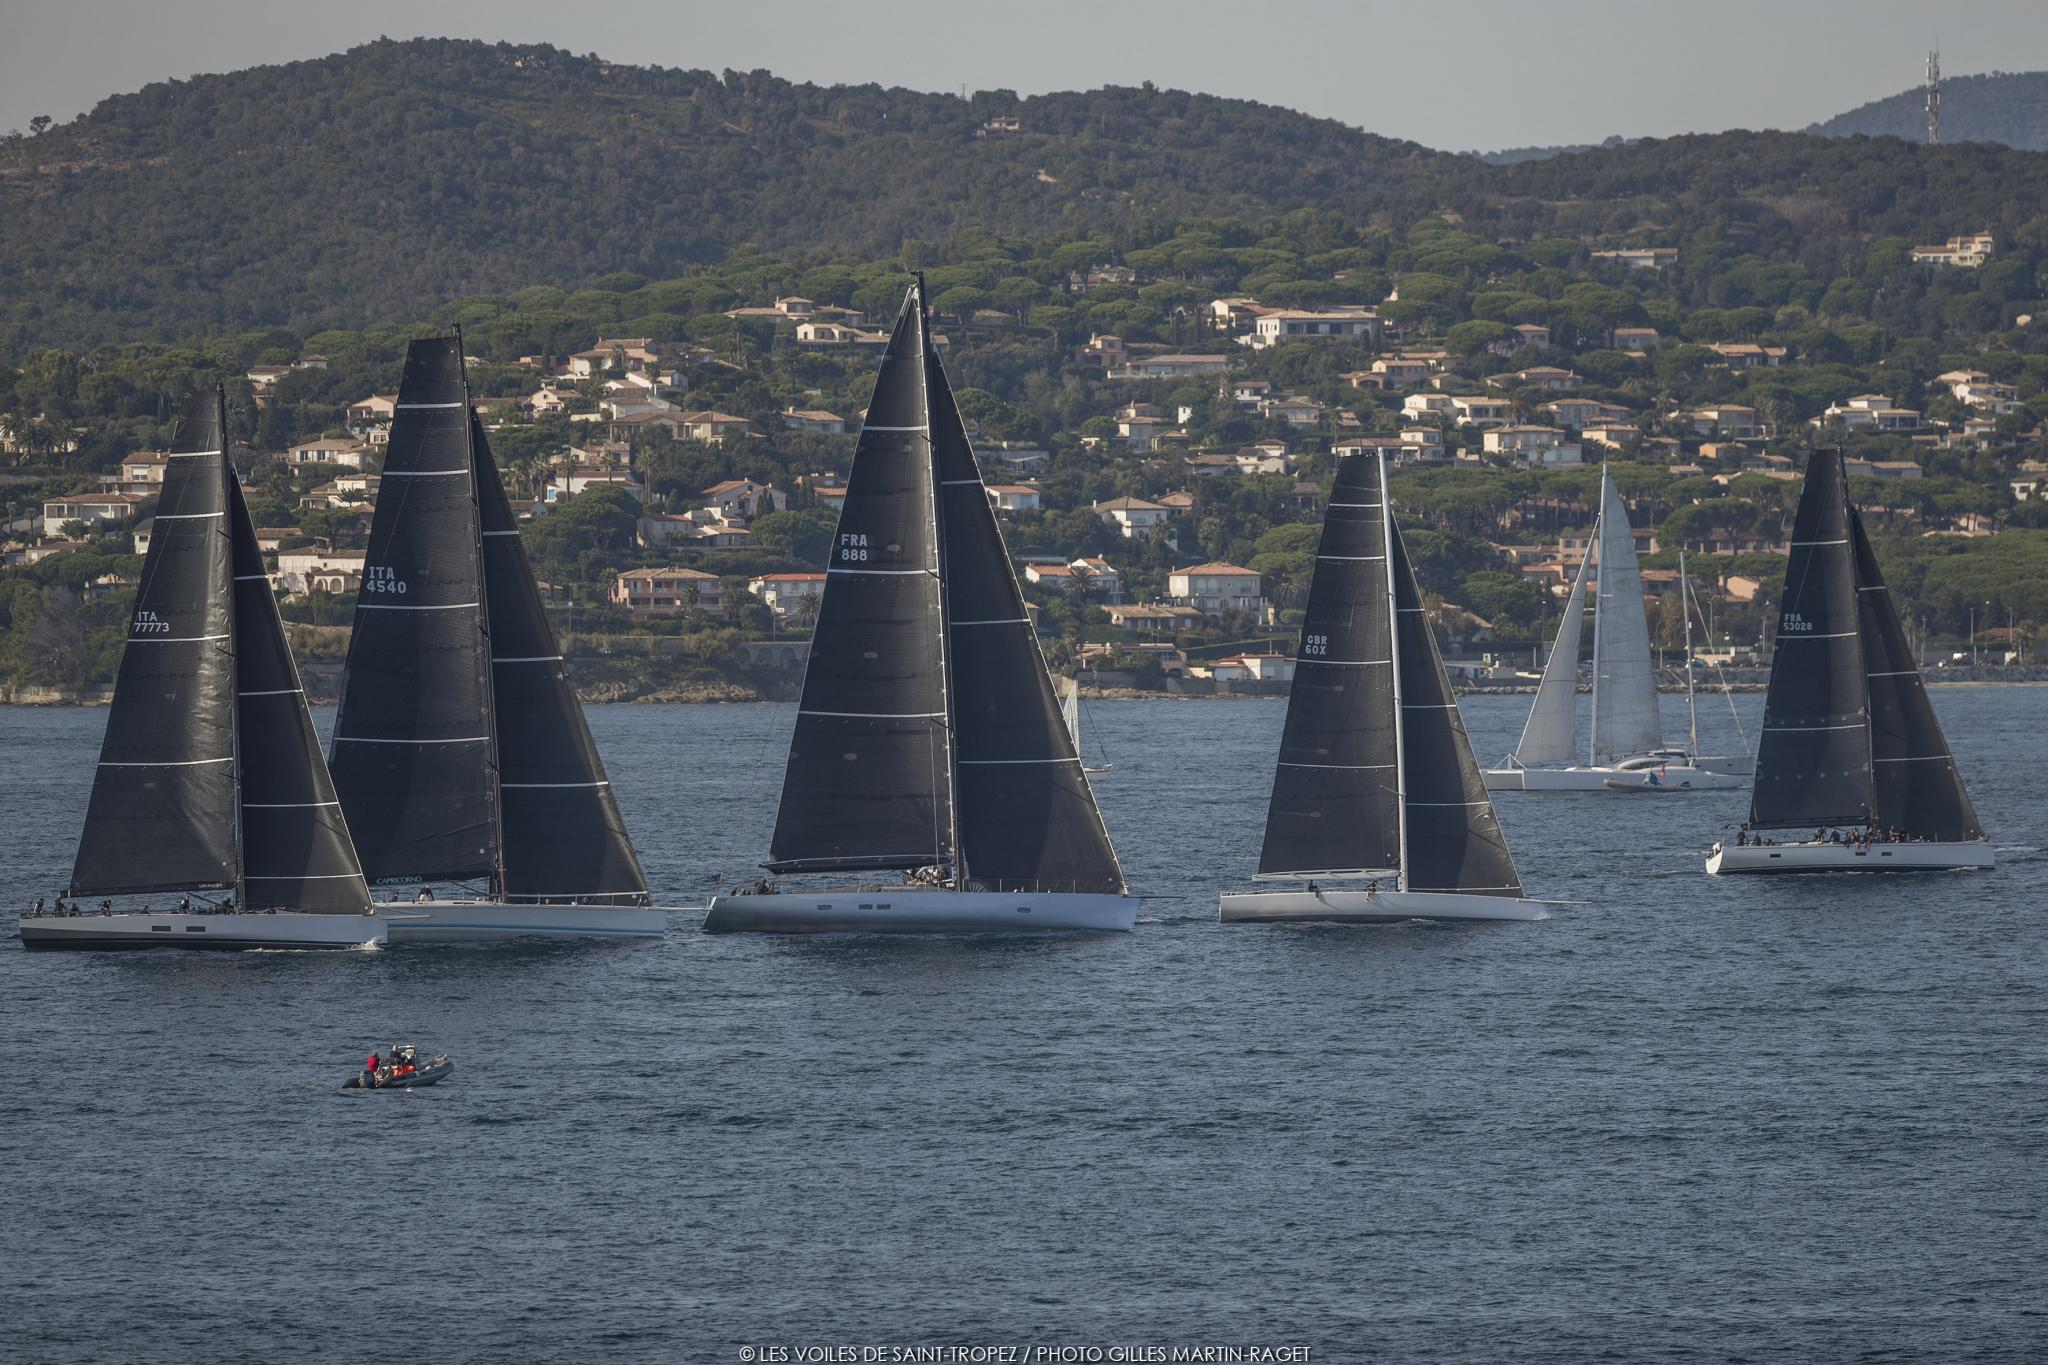 The new Les Voiles de Saint-Tropez Super Series